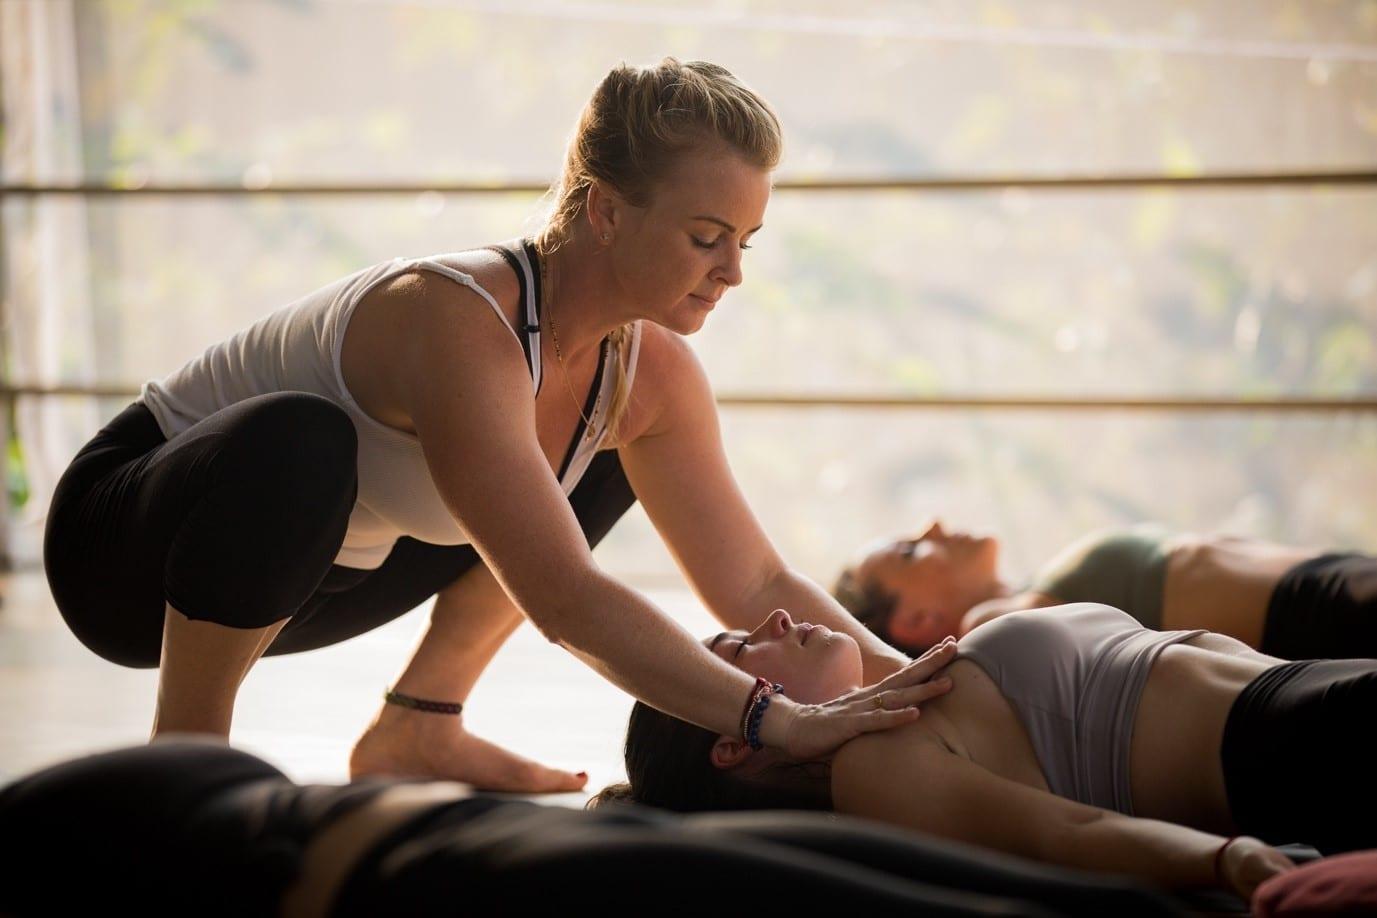 yin yoga asana for winter - Spinal twist